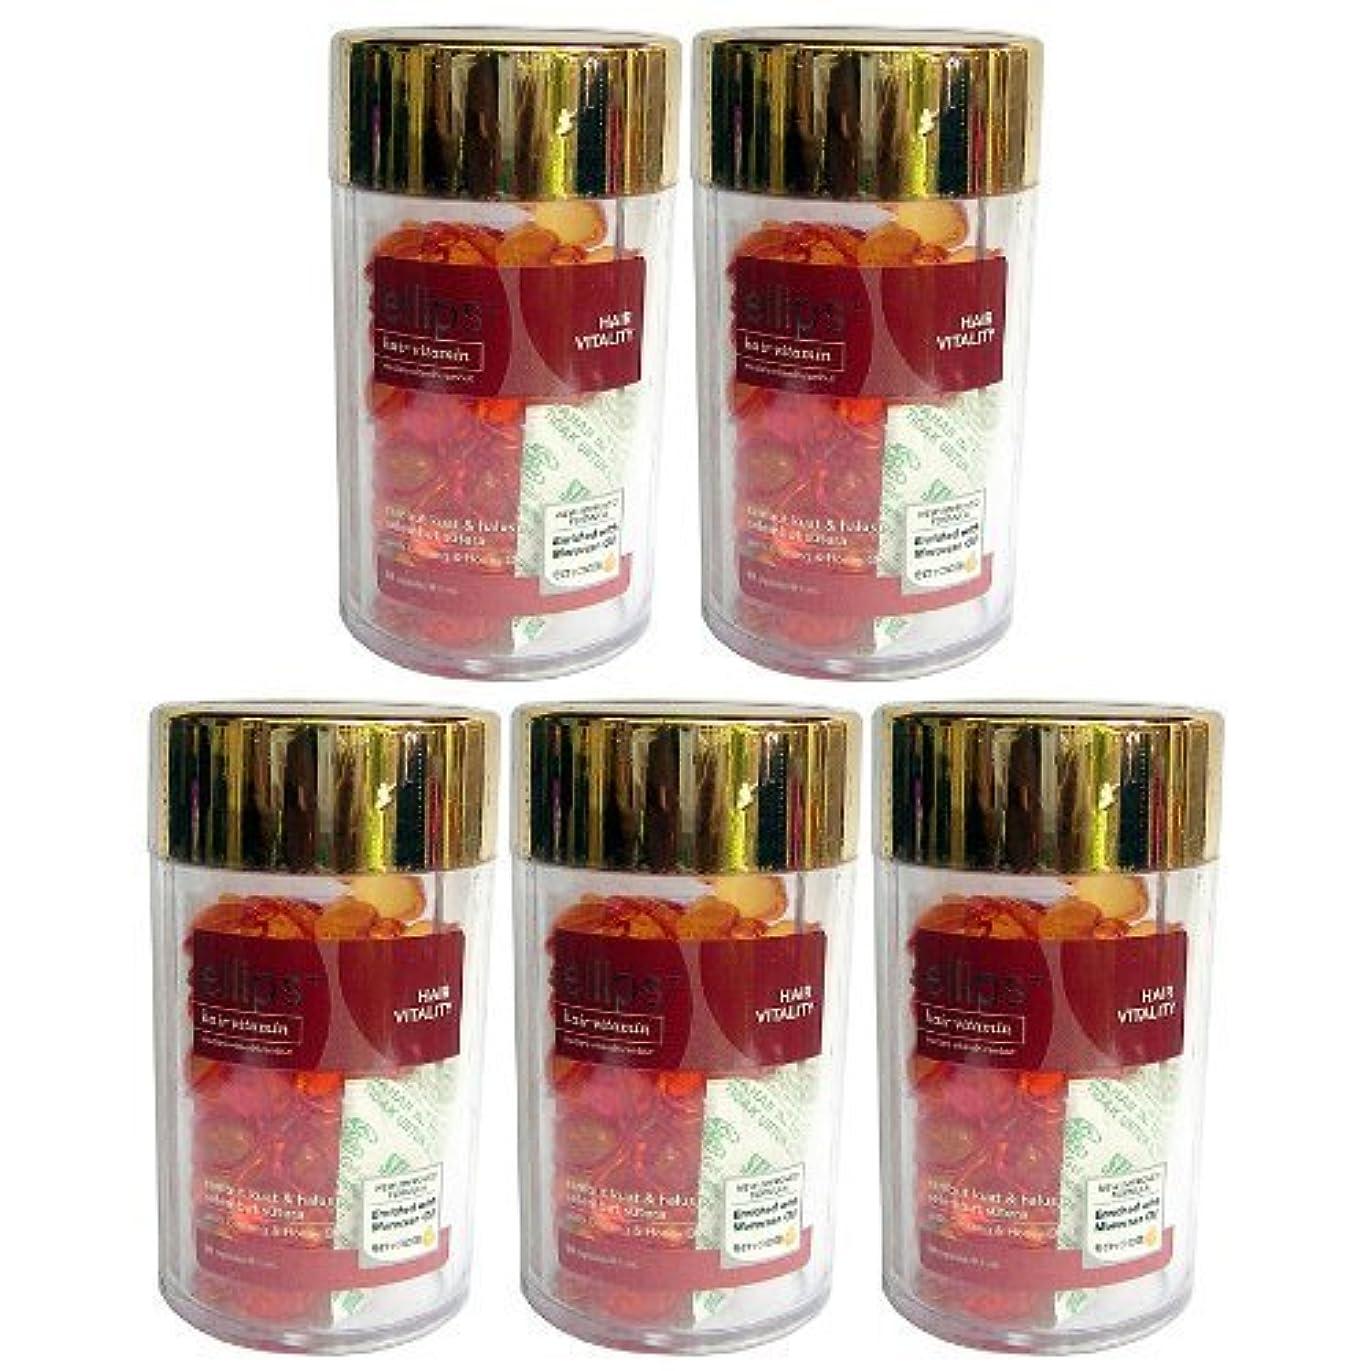 スキップ有毒なカビEllips(エリプス)ヘアビタミン(50粒入)5個セット [並行輸入品][海外直送品] ブラウン